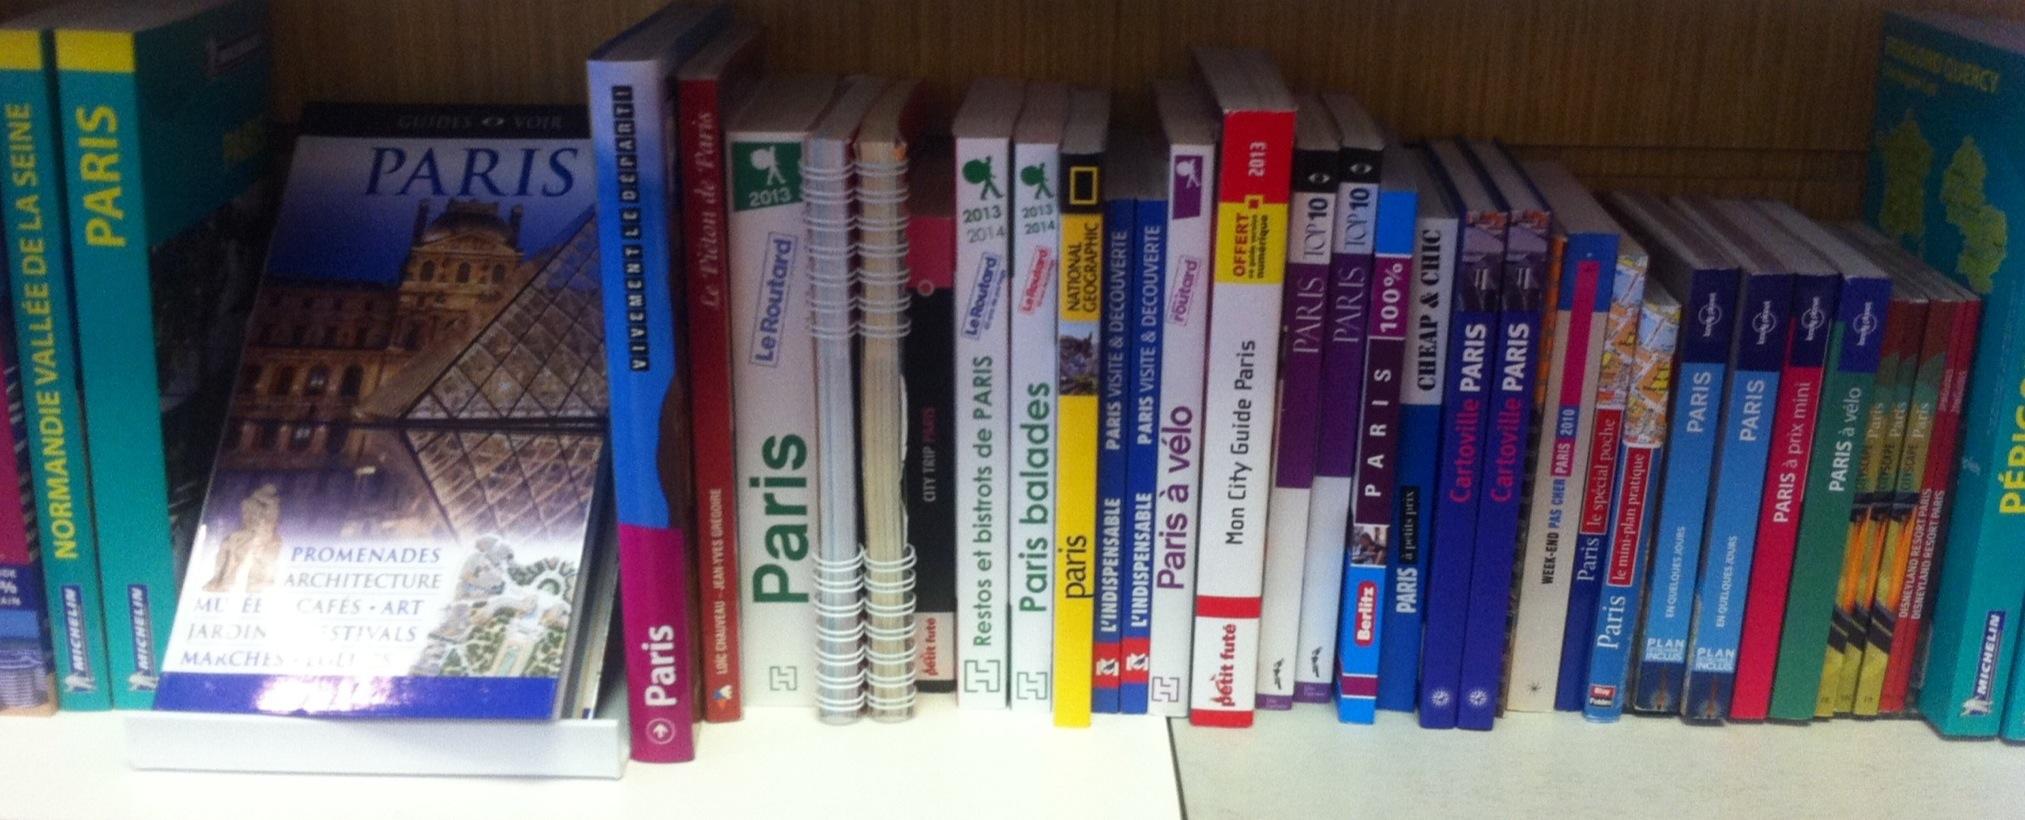 Rayon des guides de Paris à la librairie duCAA